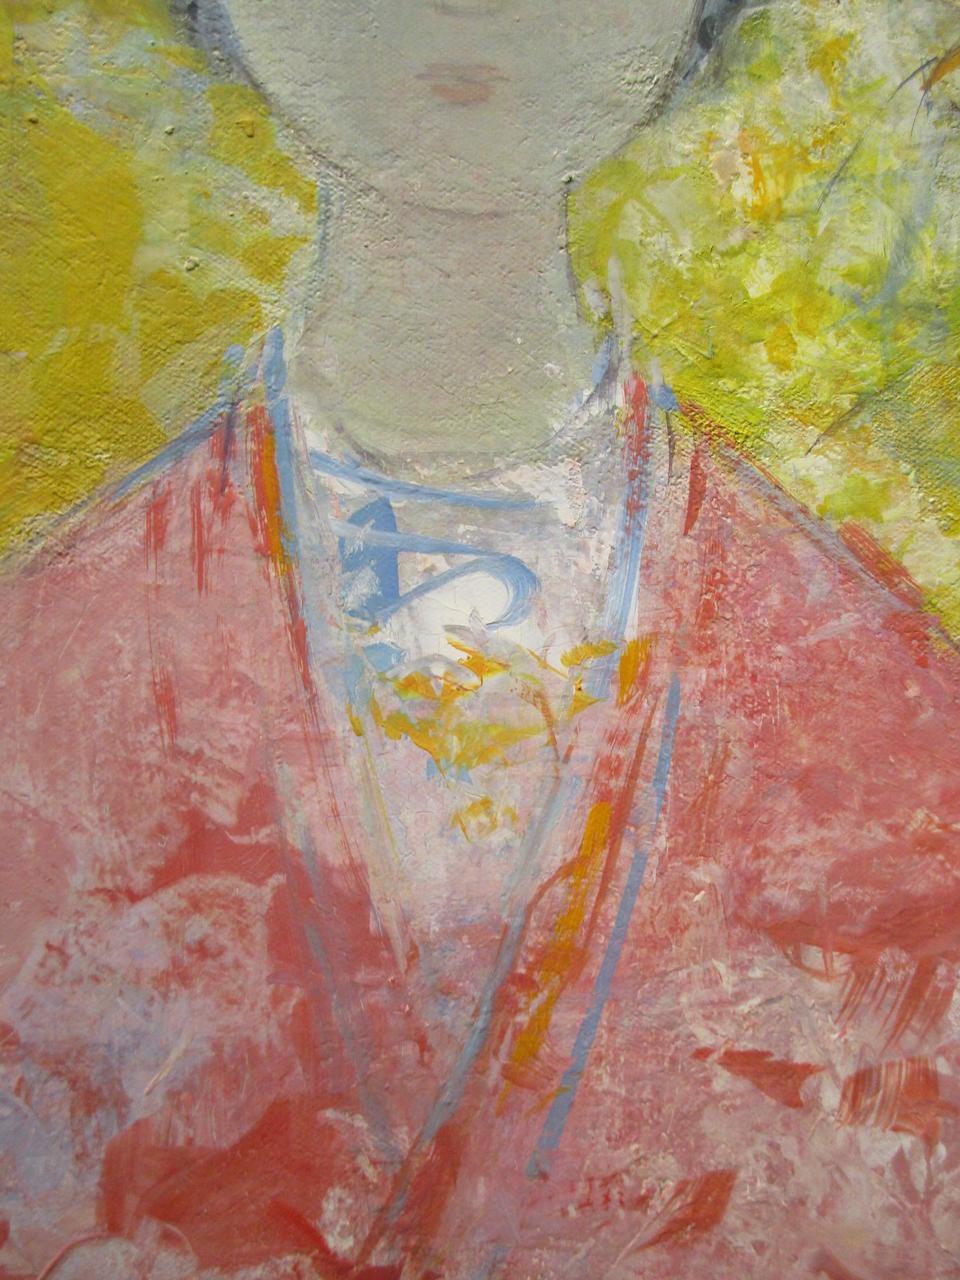 VU CAO DAM (1908-2000) Divinité, 1972